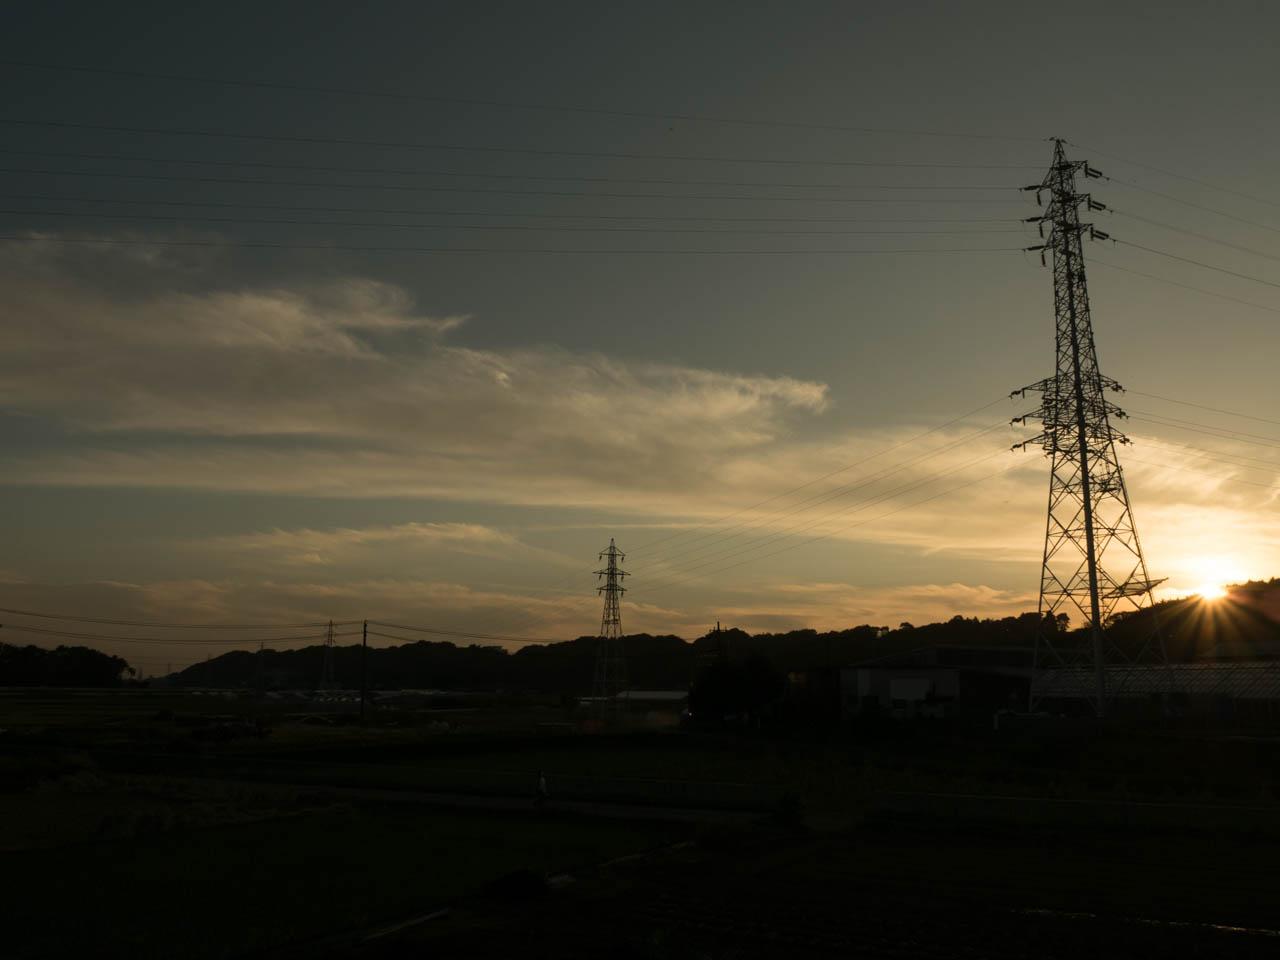 陽は低い丘陵上に消えてゆく